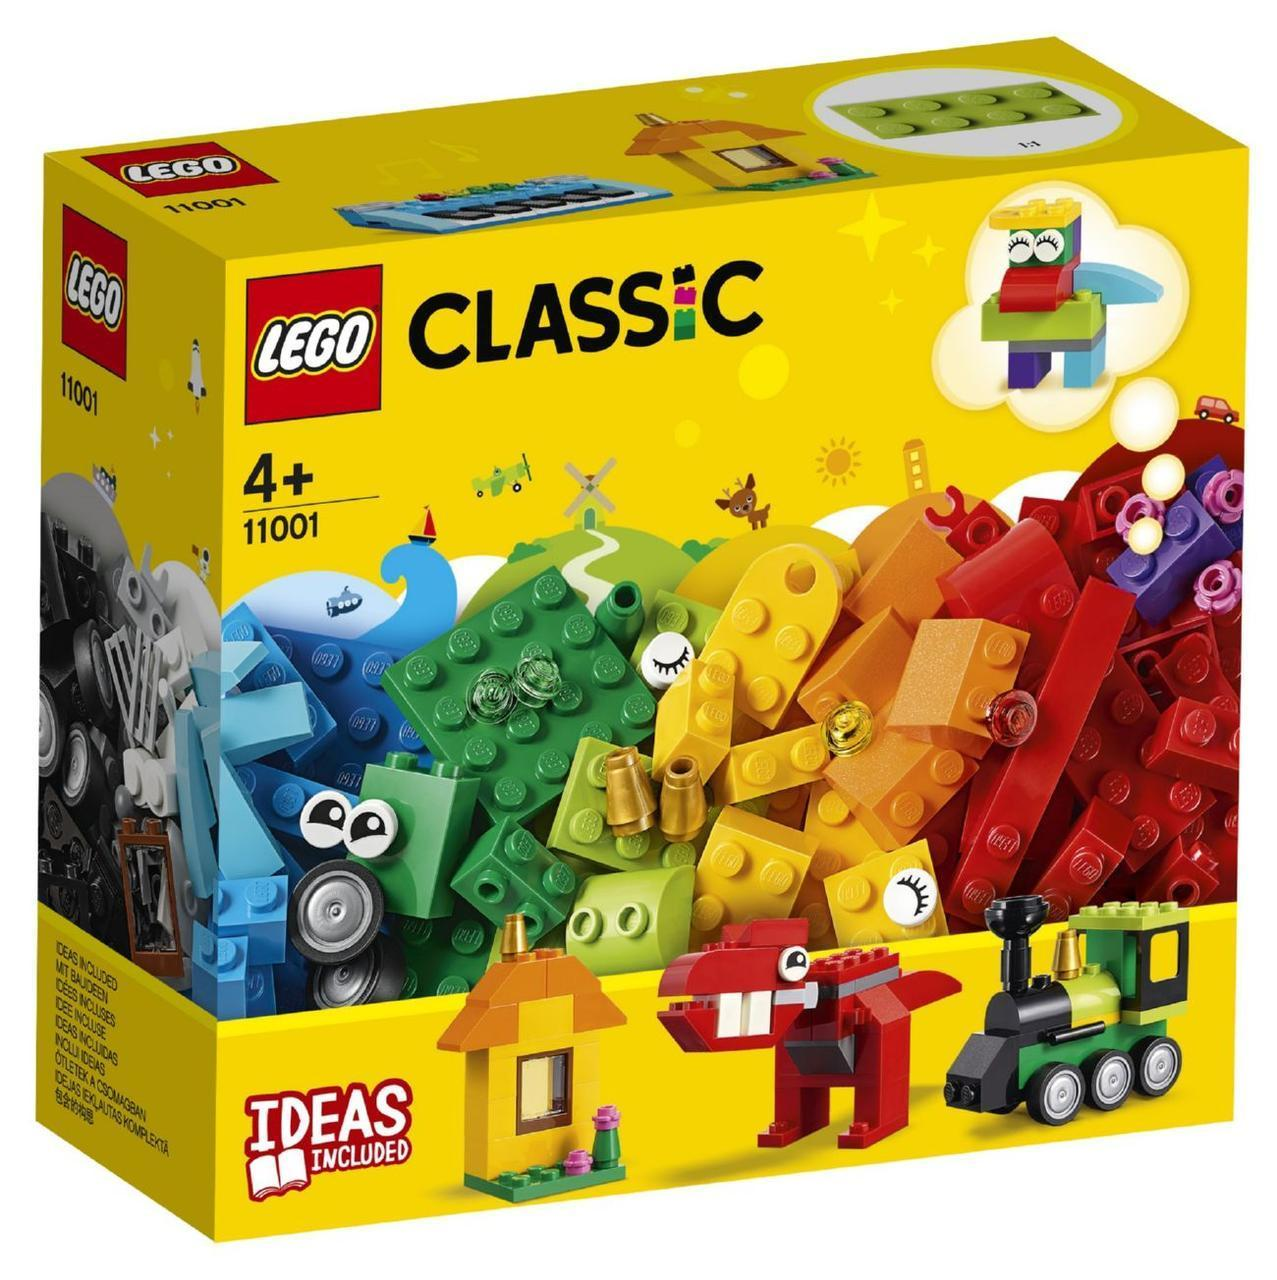 Lego Classic Модели из кубиков 11001